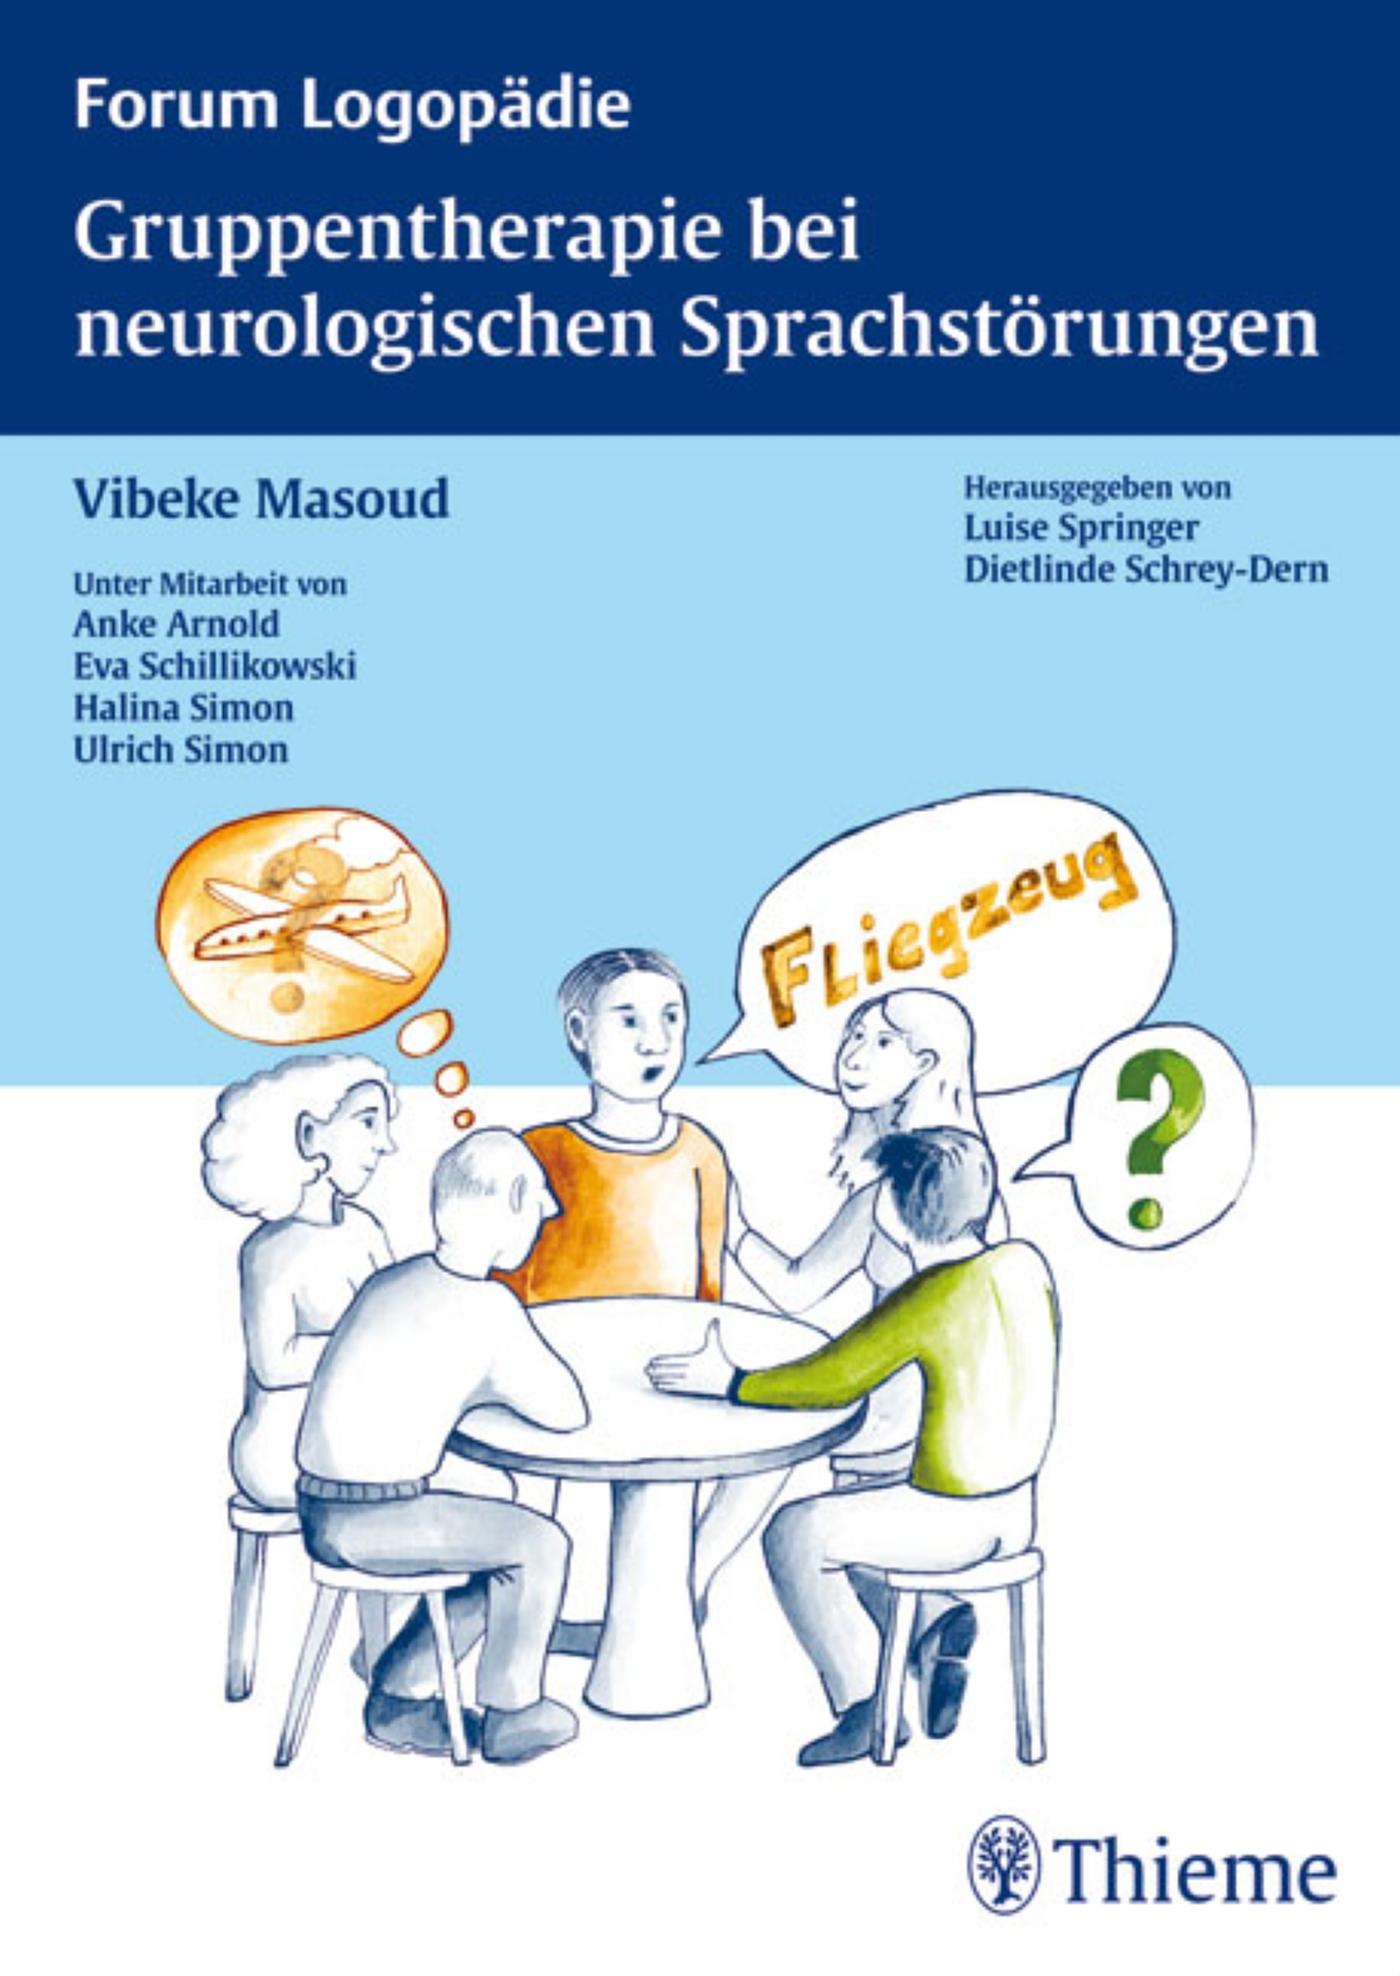 Gruppentherapie für neurologische Sprachstörungen